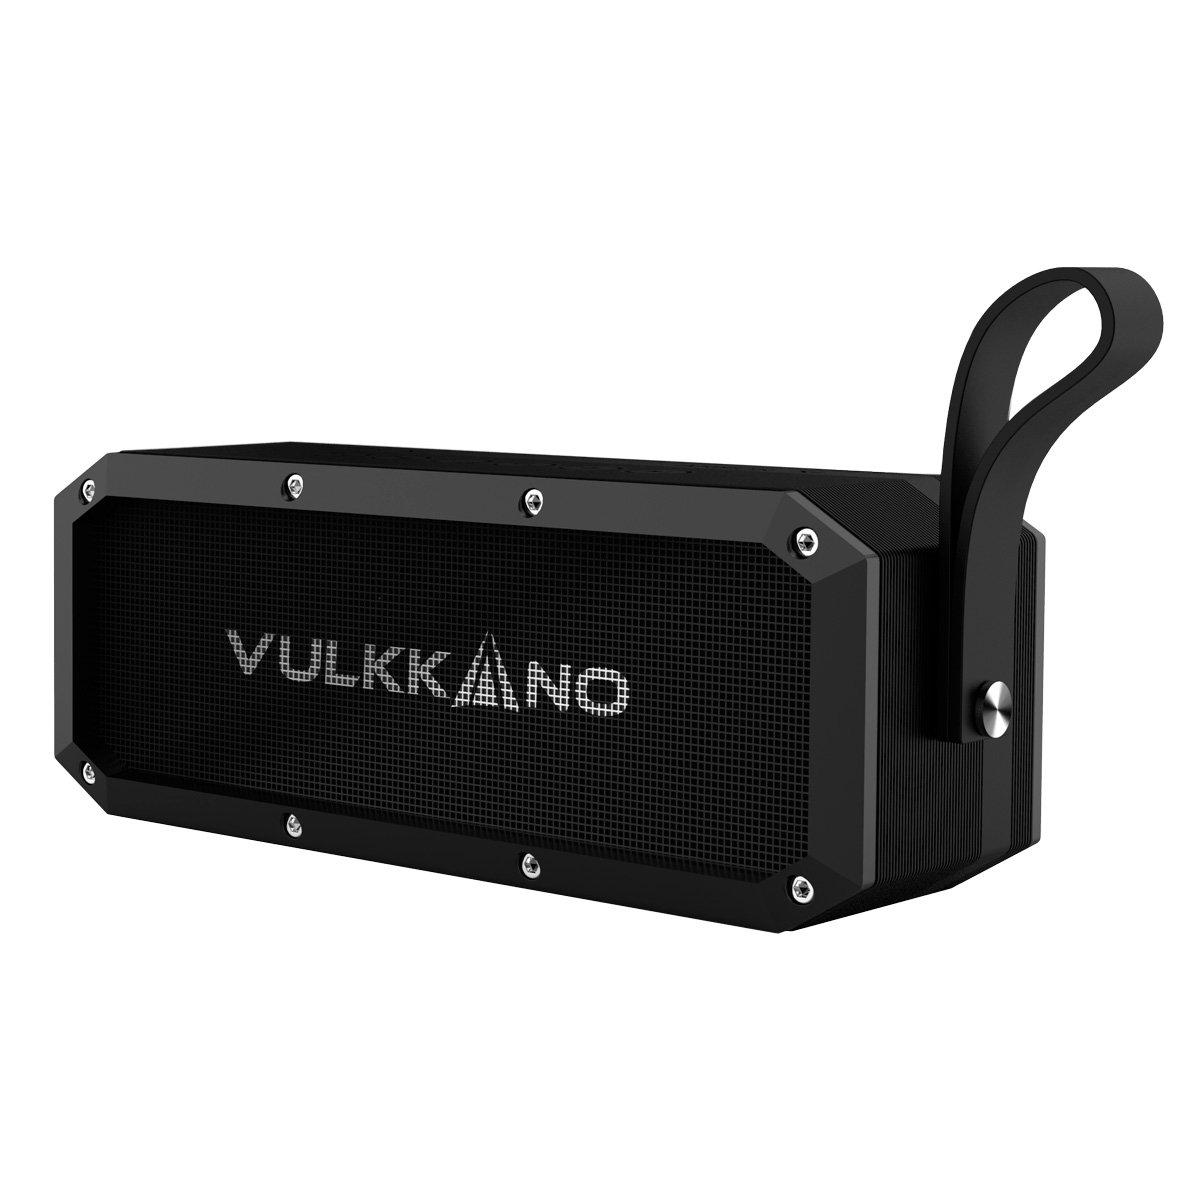 VULKKANO Blast el Altavoz Bluetooth más potente con W Resiste agua y